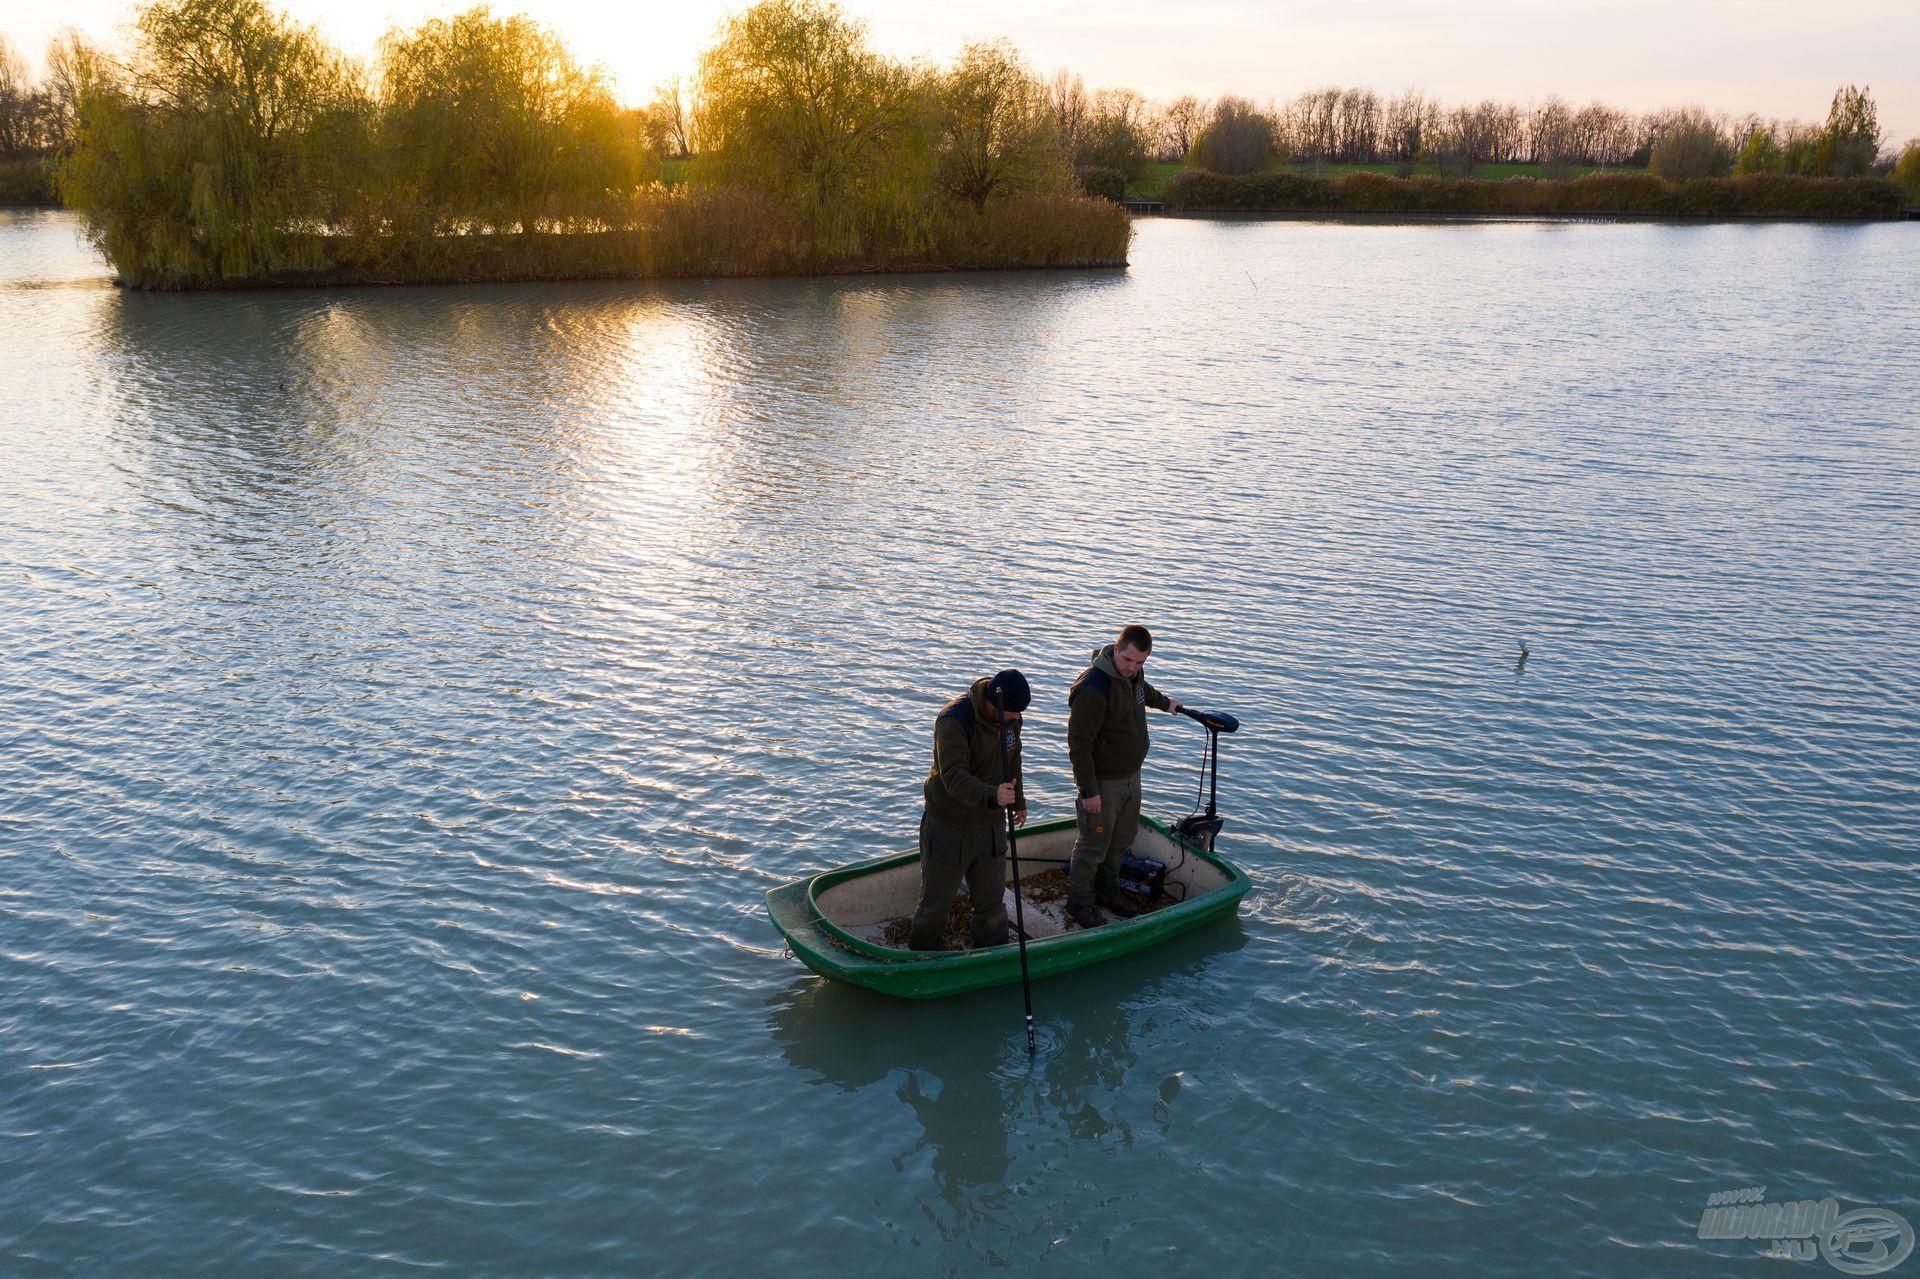 Ezen az álláson még egyikünk sem horgászott, ezért indokolt volt az alapos helykeresés